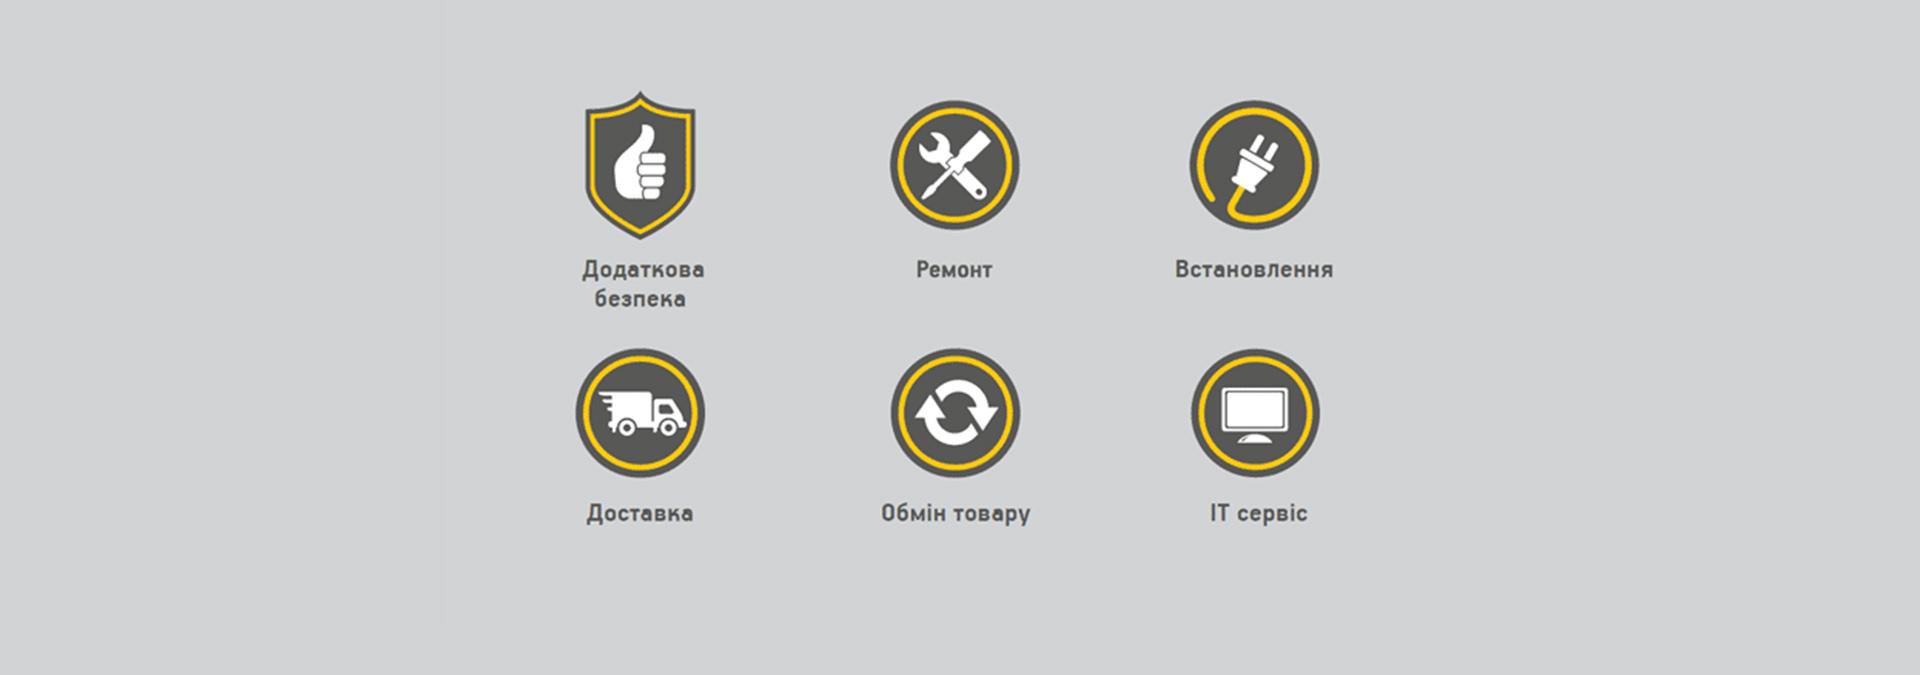 Дизайн иконок для сервисного центра